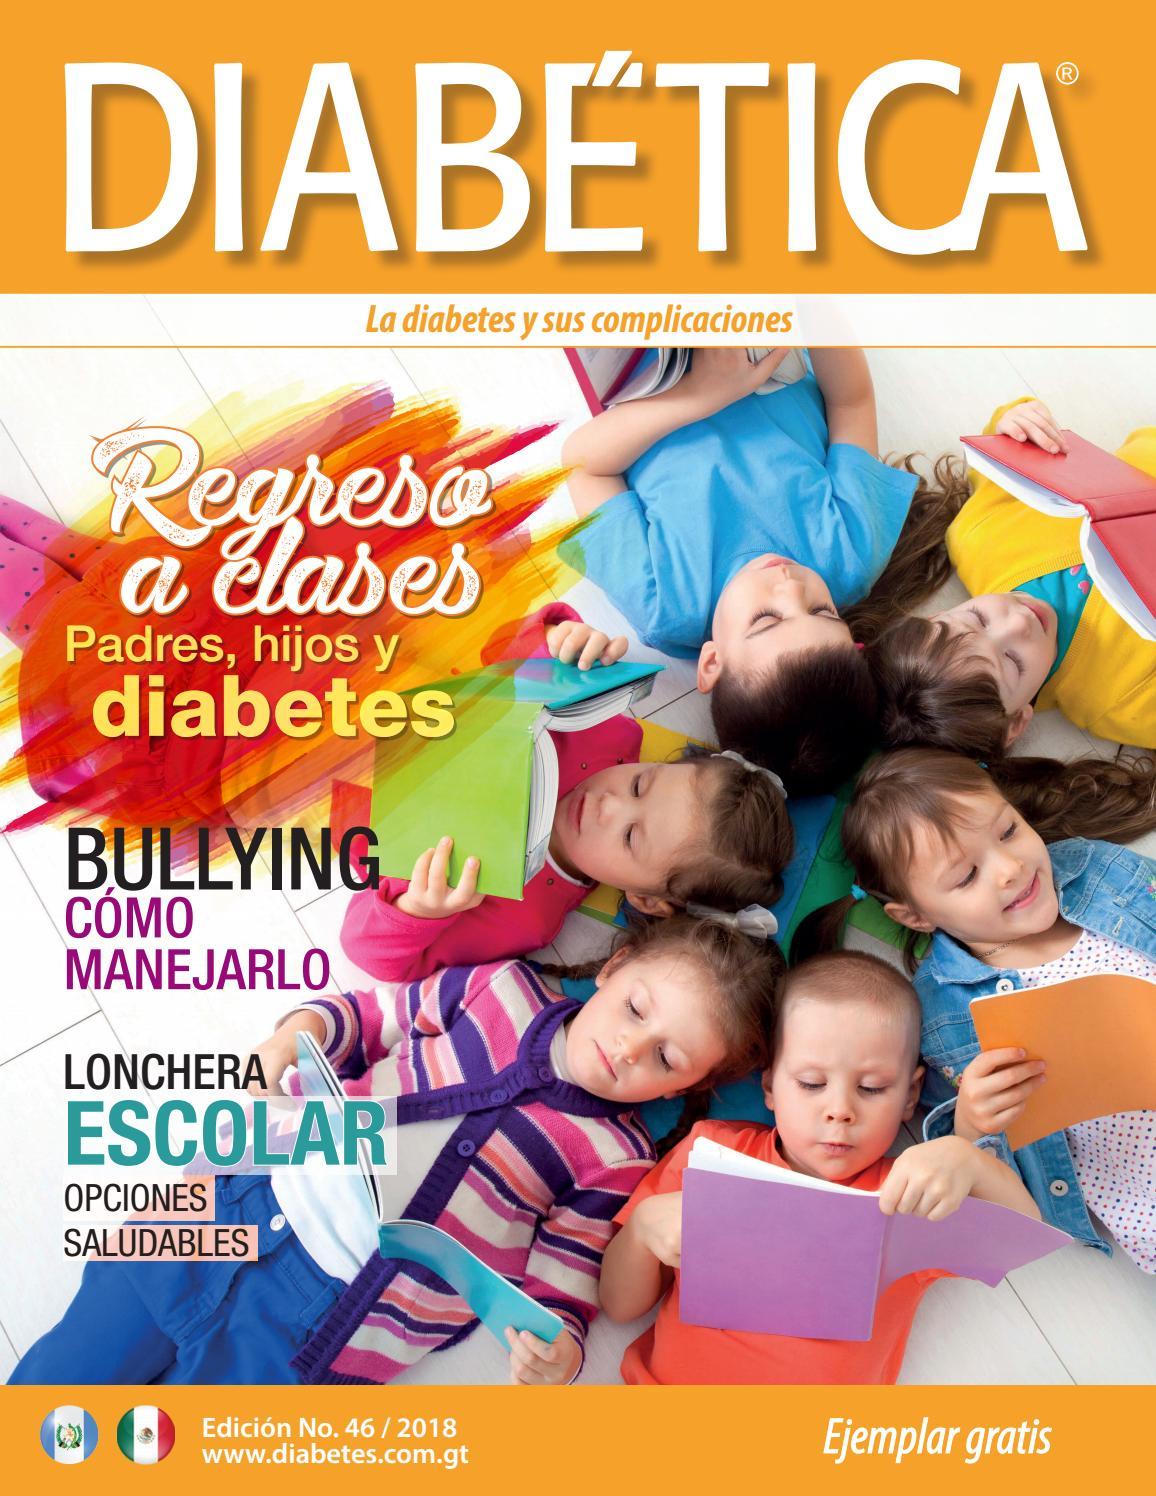 idf diabetes atlas sexta edición procesamiento de citas